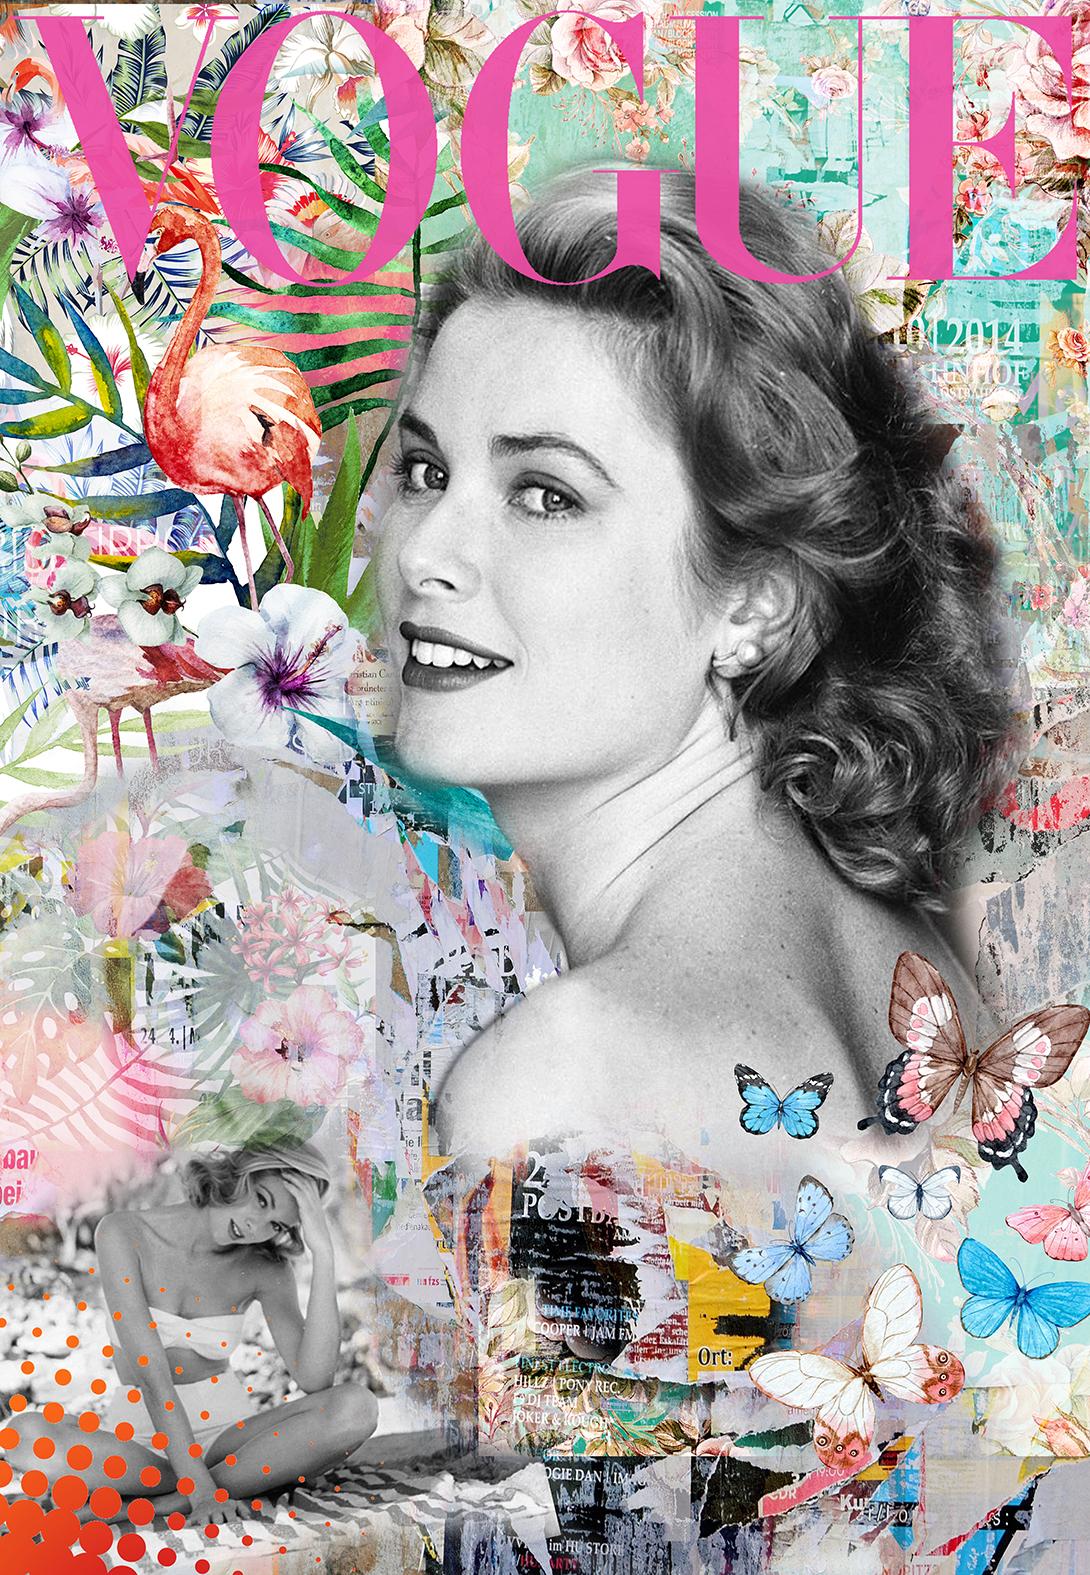 Grace-kelly-Fabien-Novarino-tableau-pop-art